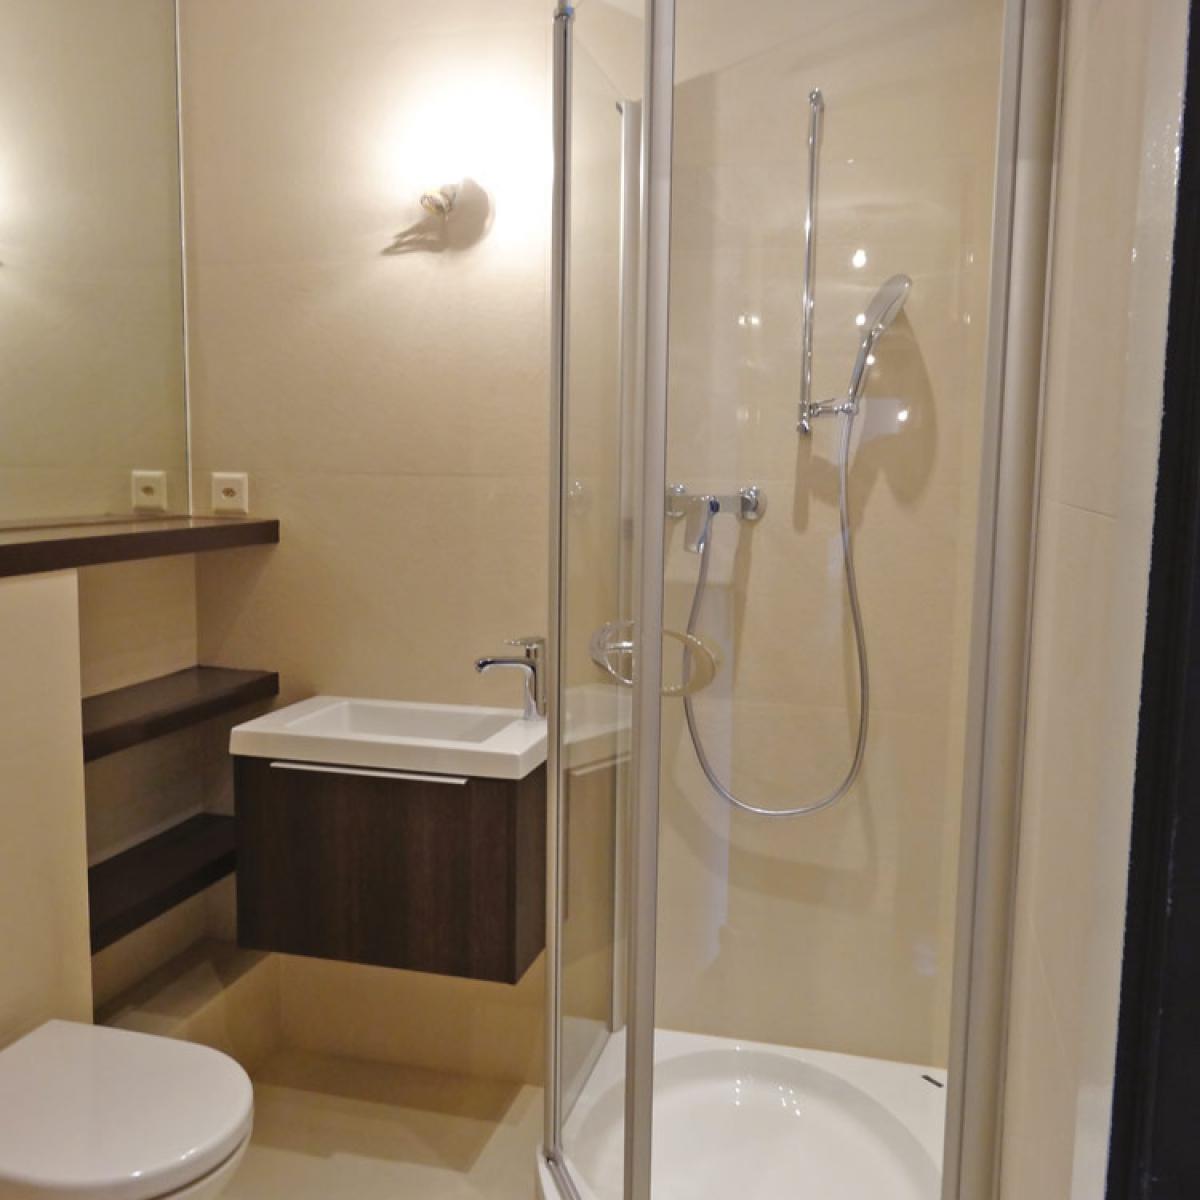 Projet 9 – Modernisation d'une salle de bain